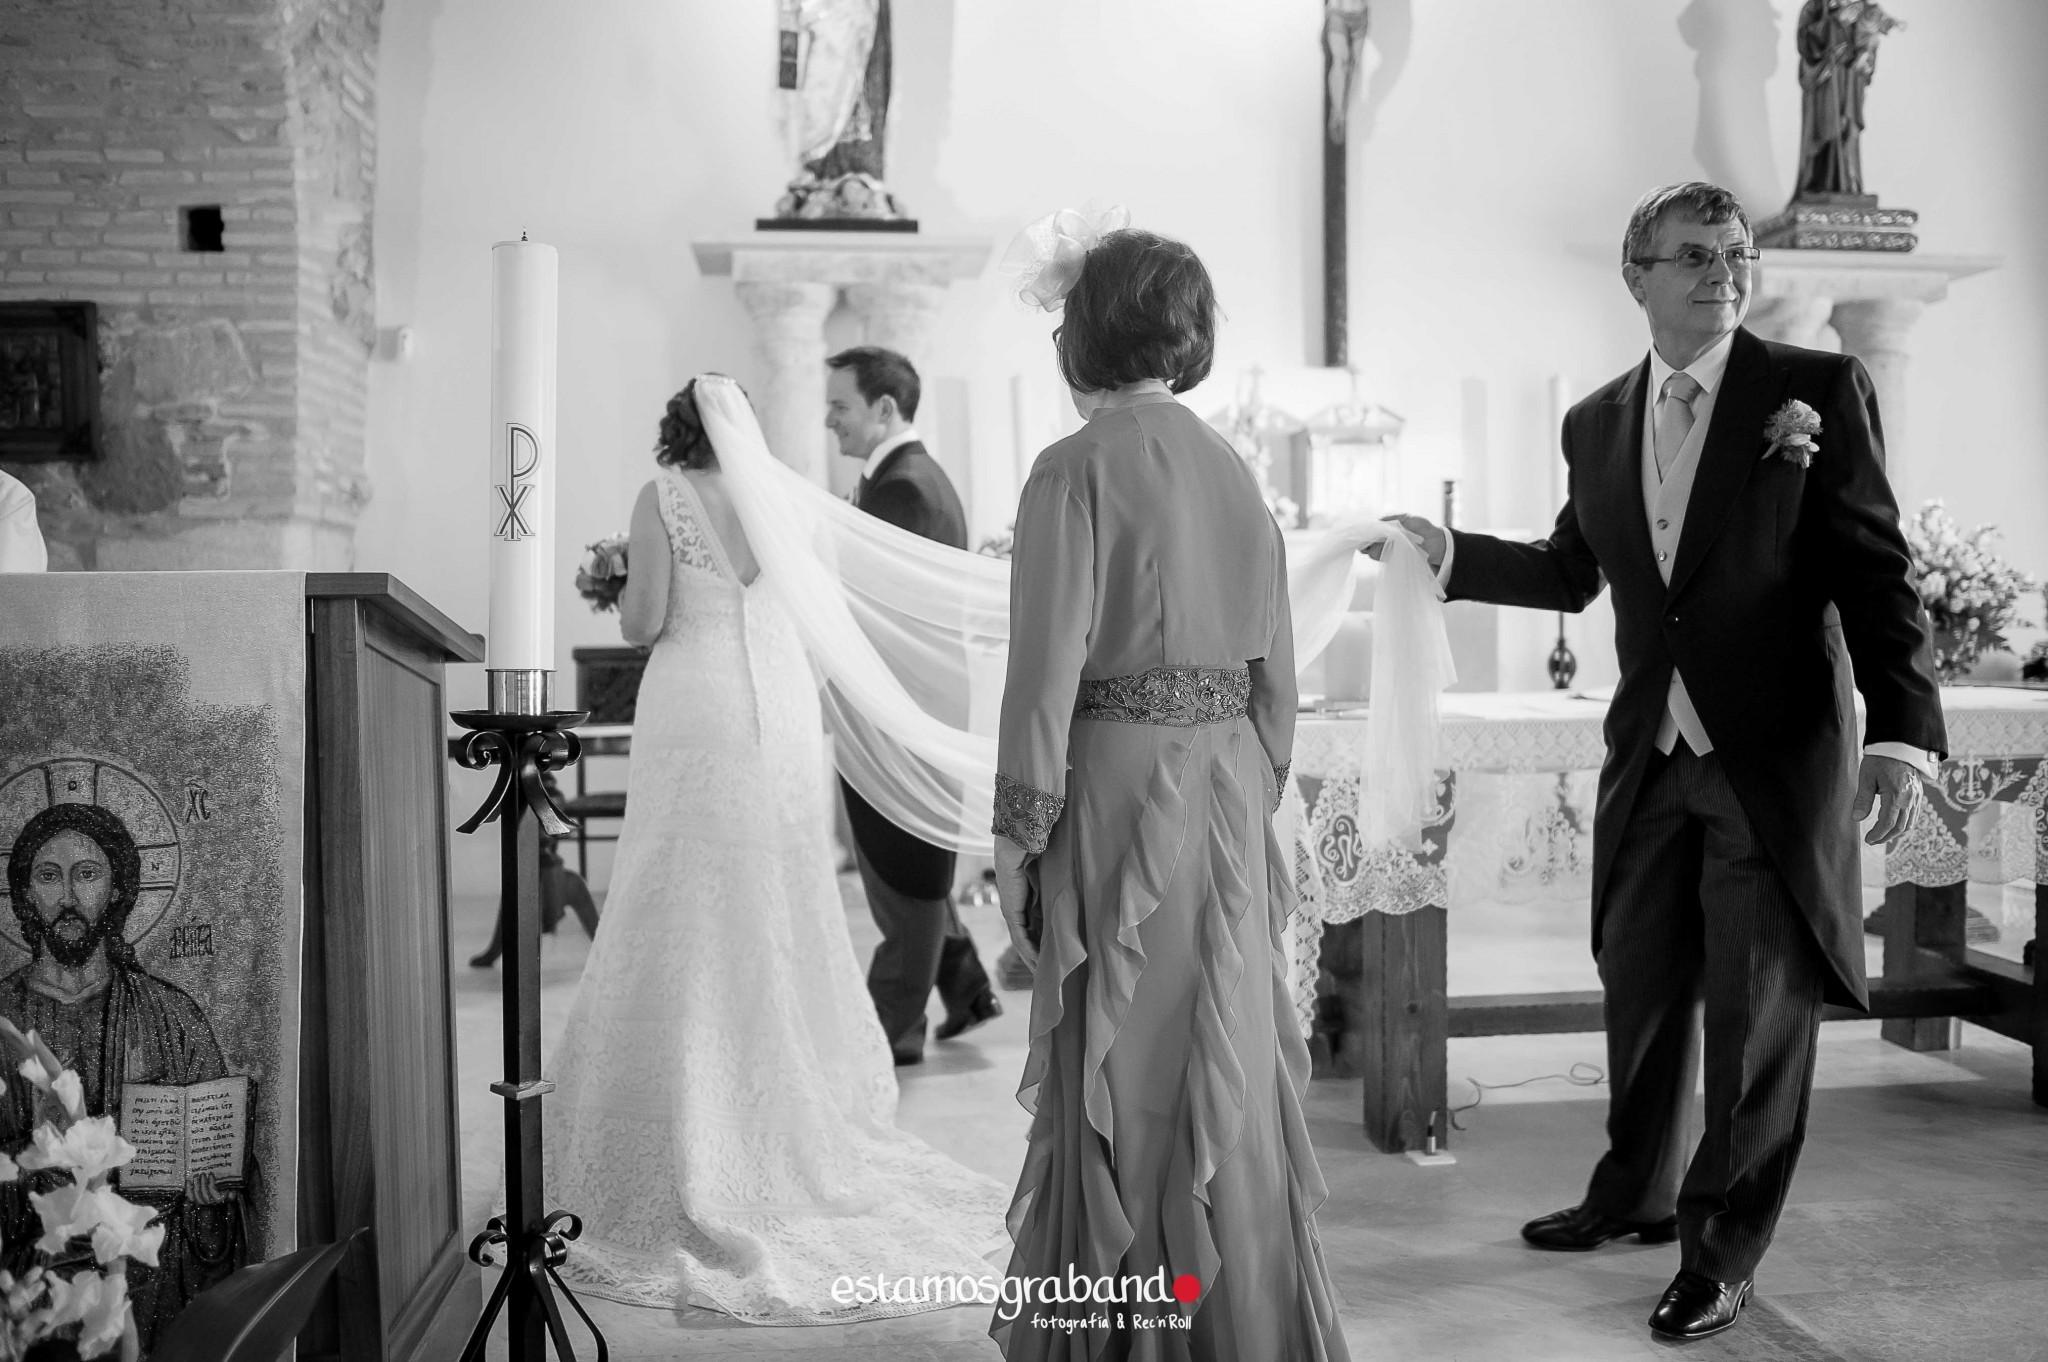 boda-en-chiclana_sonia-y-diego_fotograficc81a-de-boda-47 Zahara Sonia + Diego [Fotografía de Boda en Zahara] - video boda cadiz